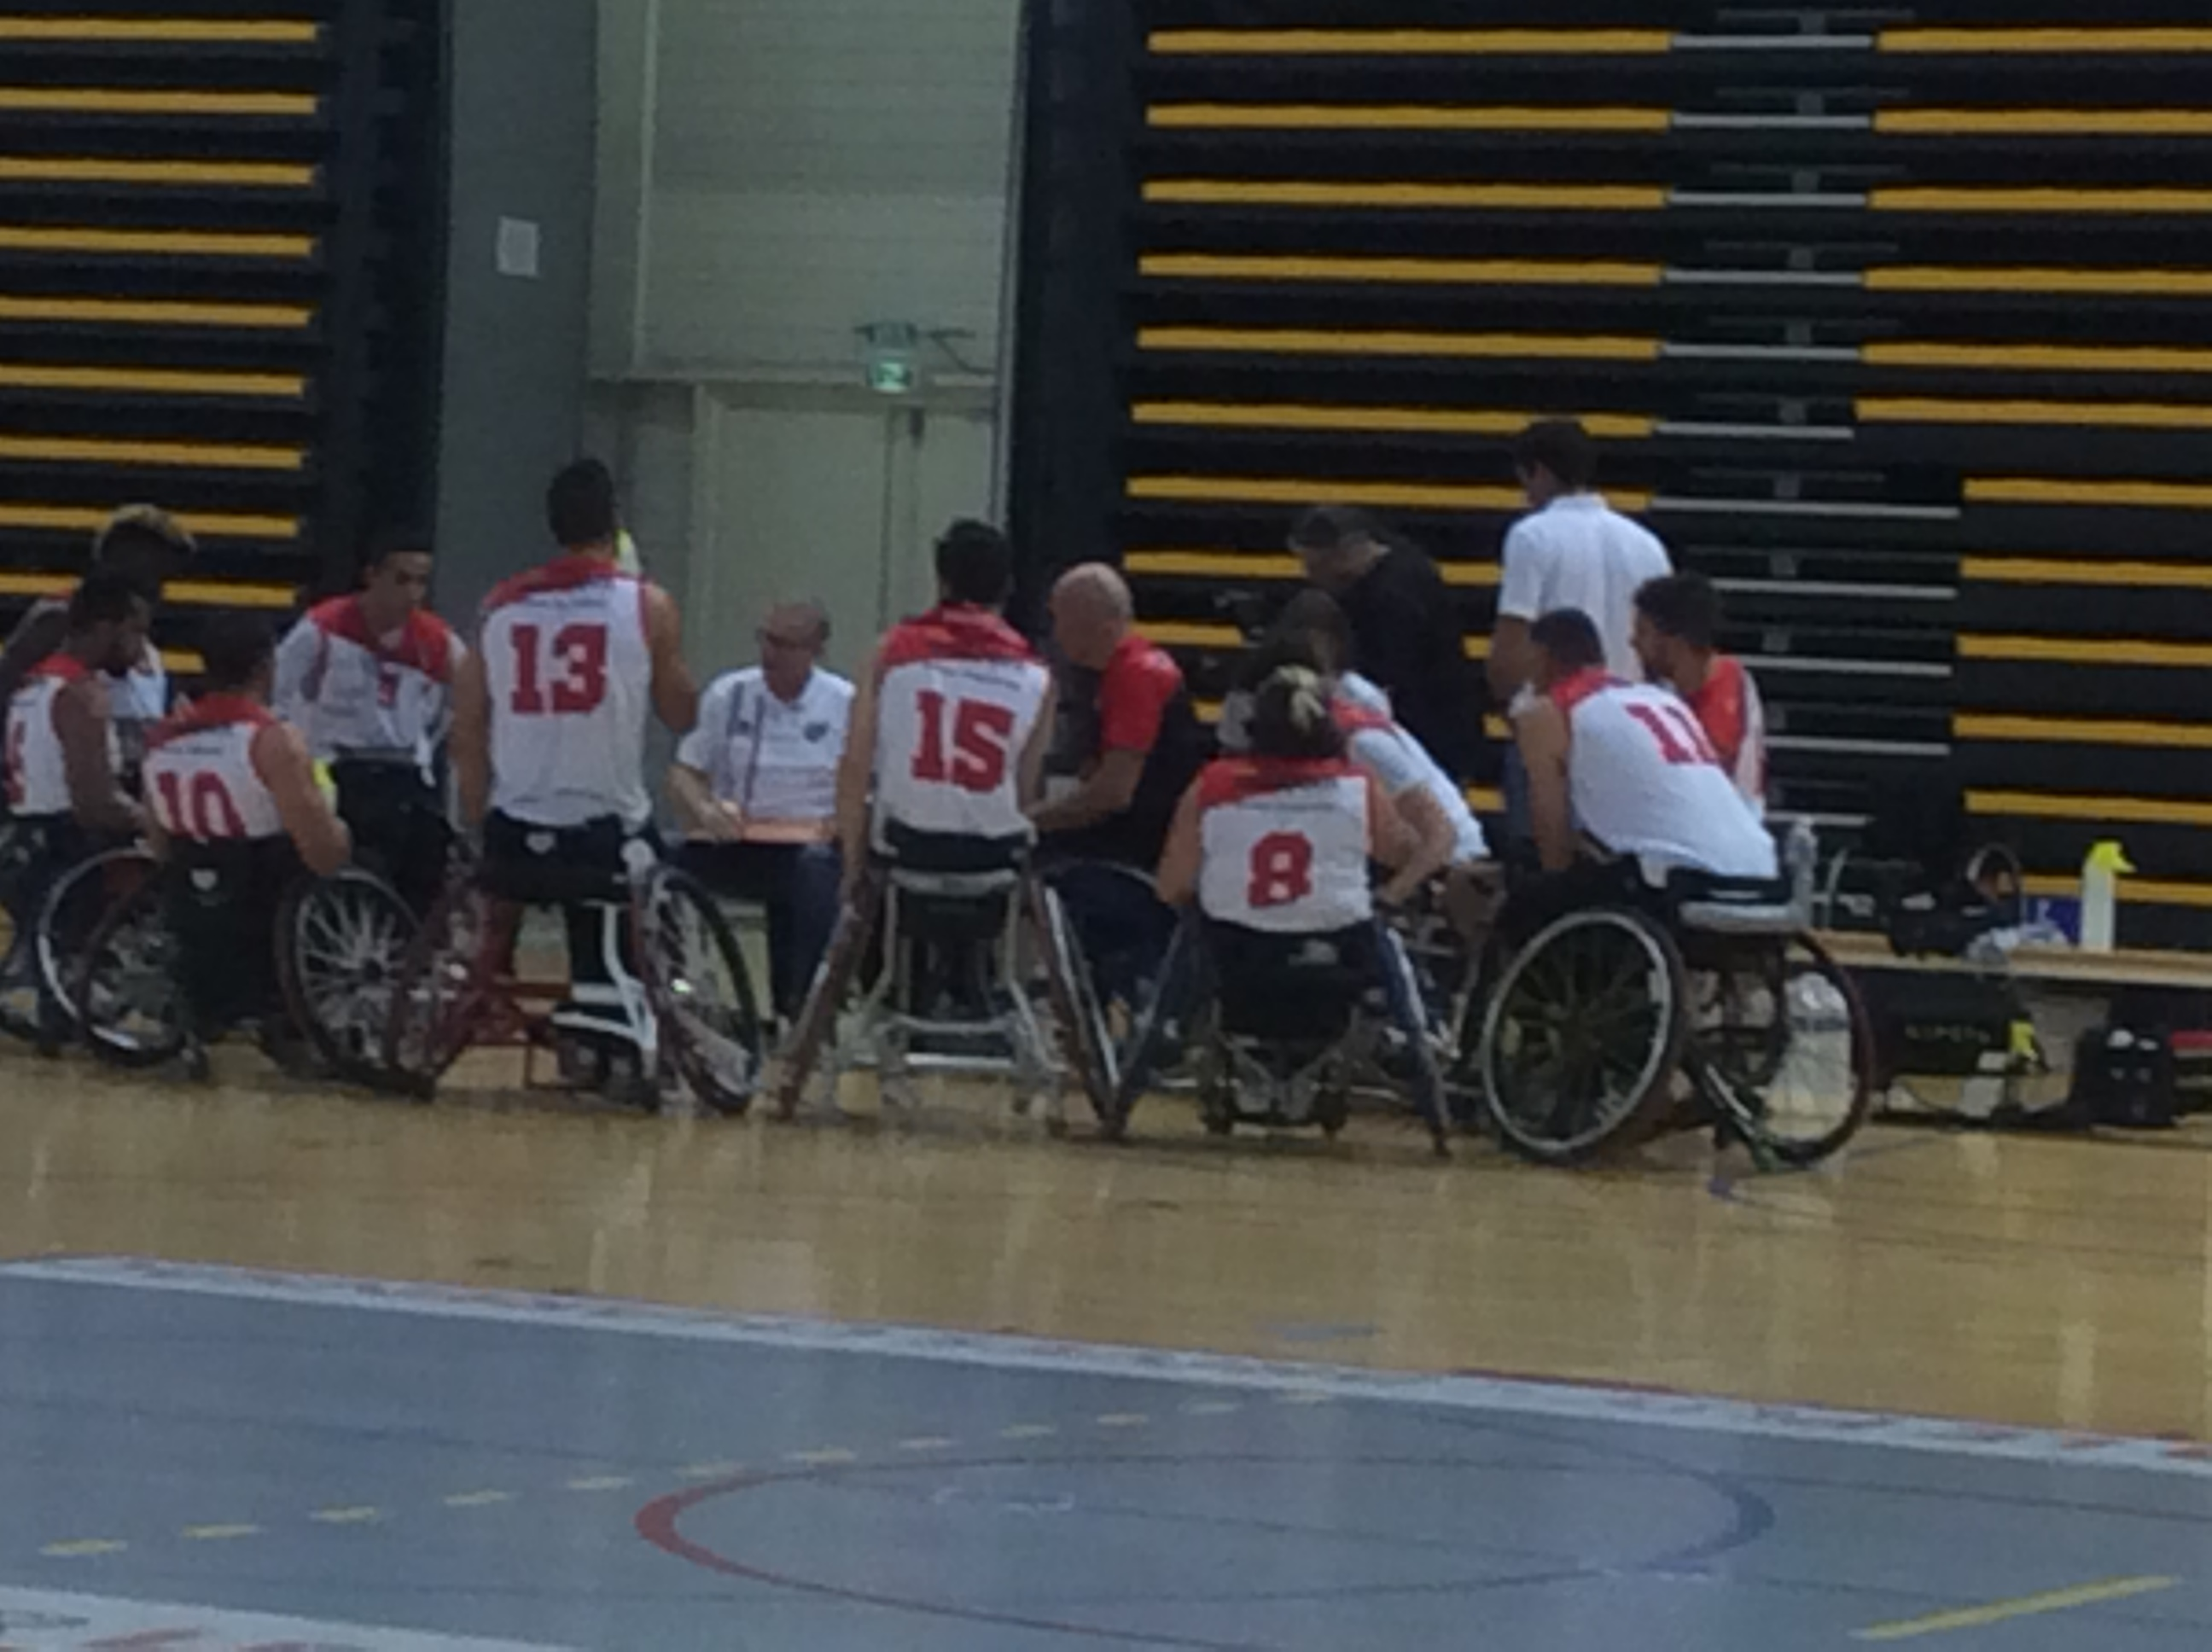 handi basket nationale 1 a les aigles du velay-toulouse 20h 161119 avant match